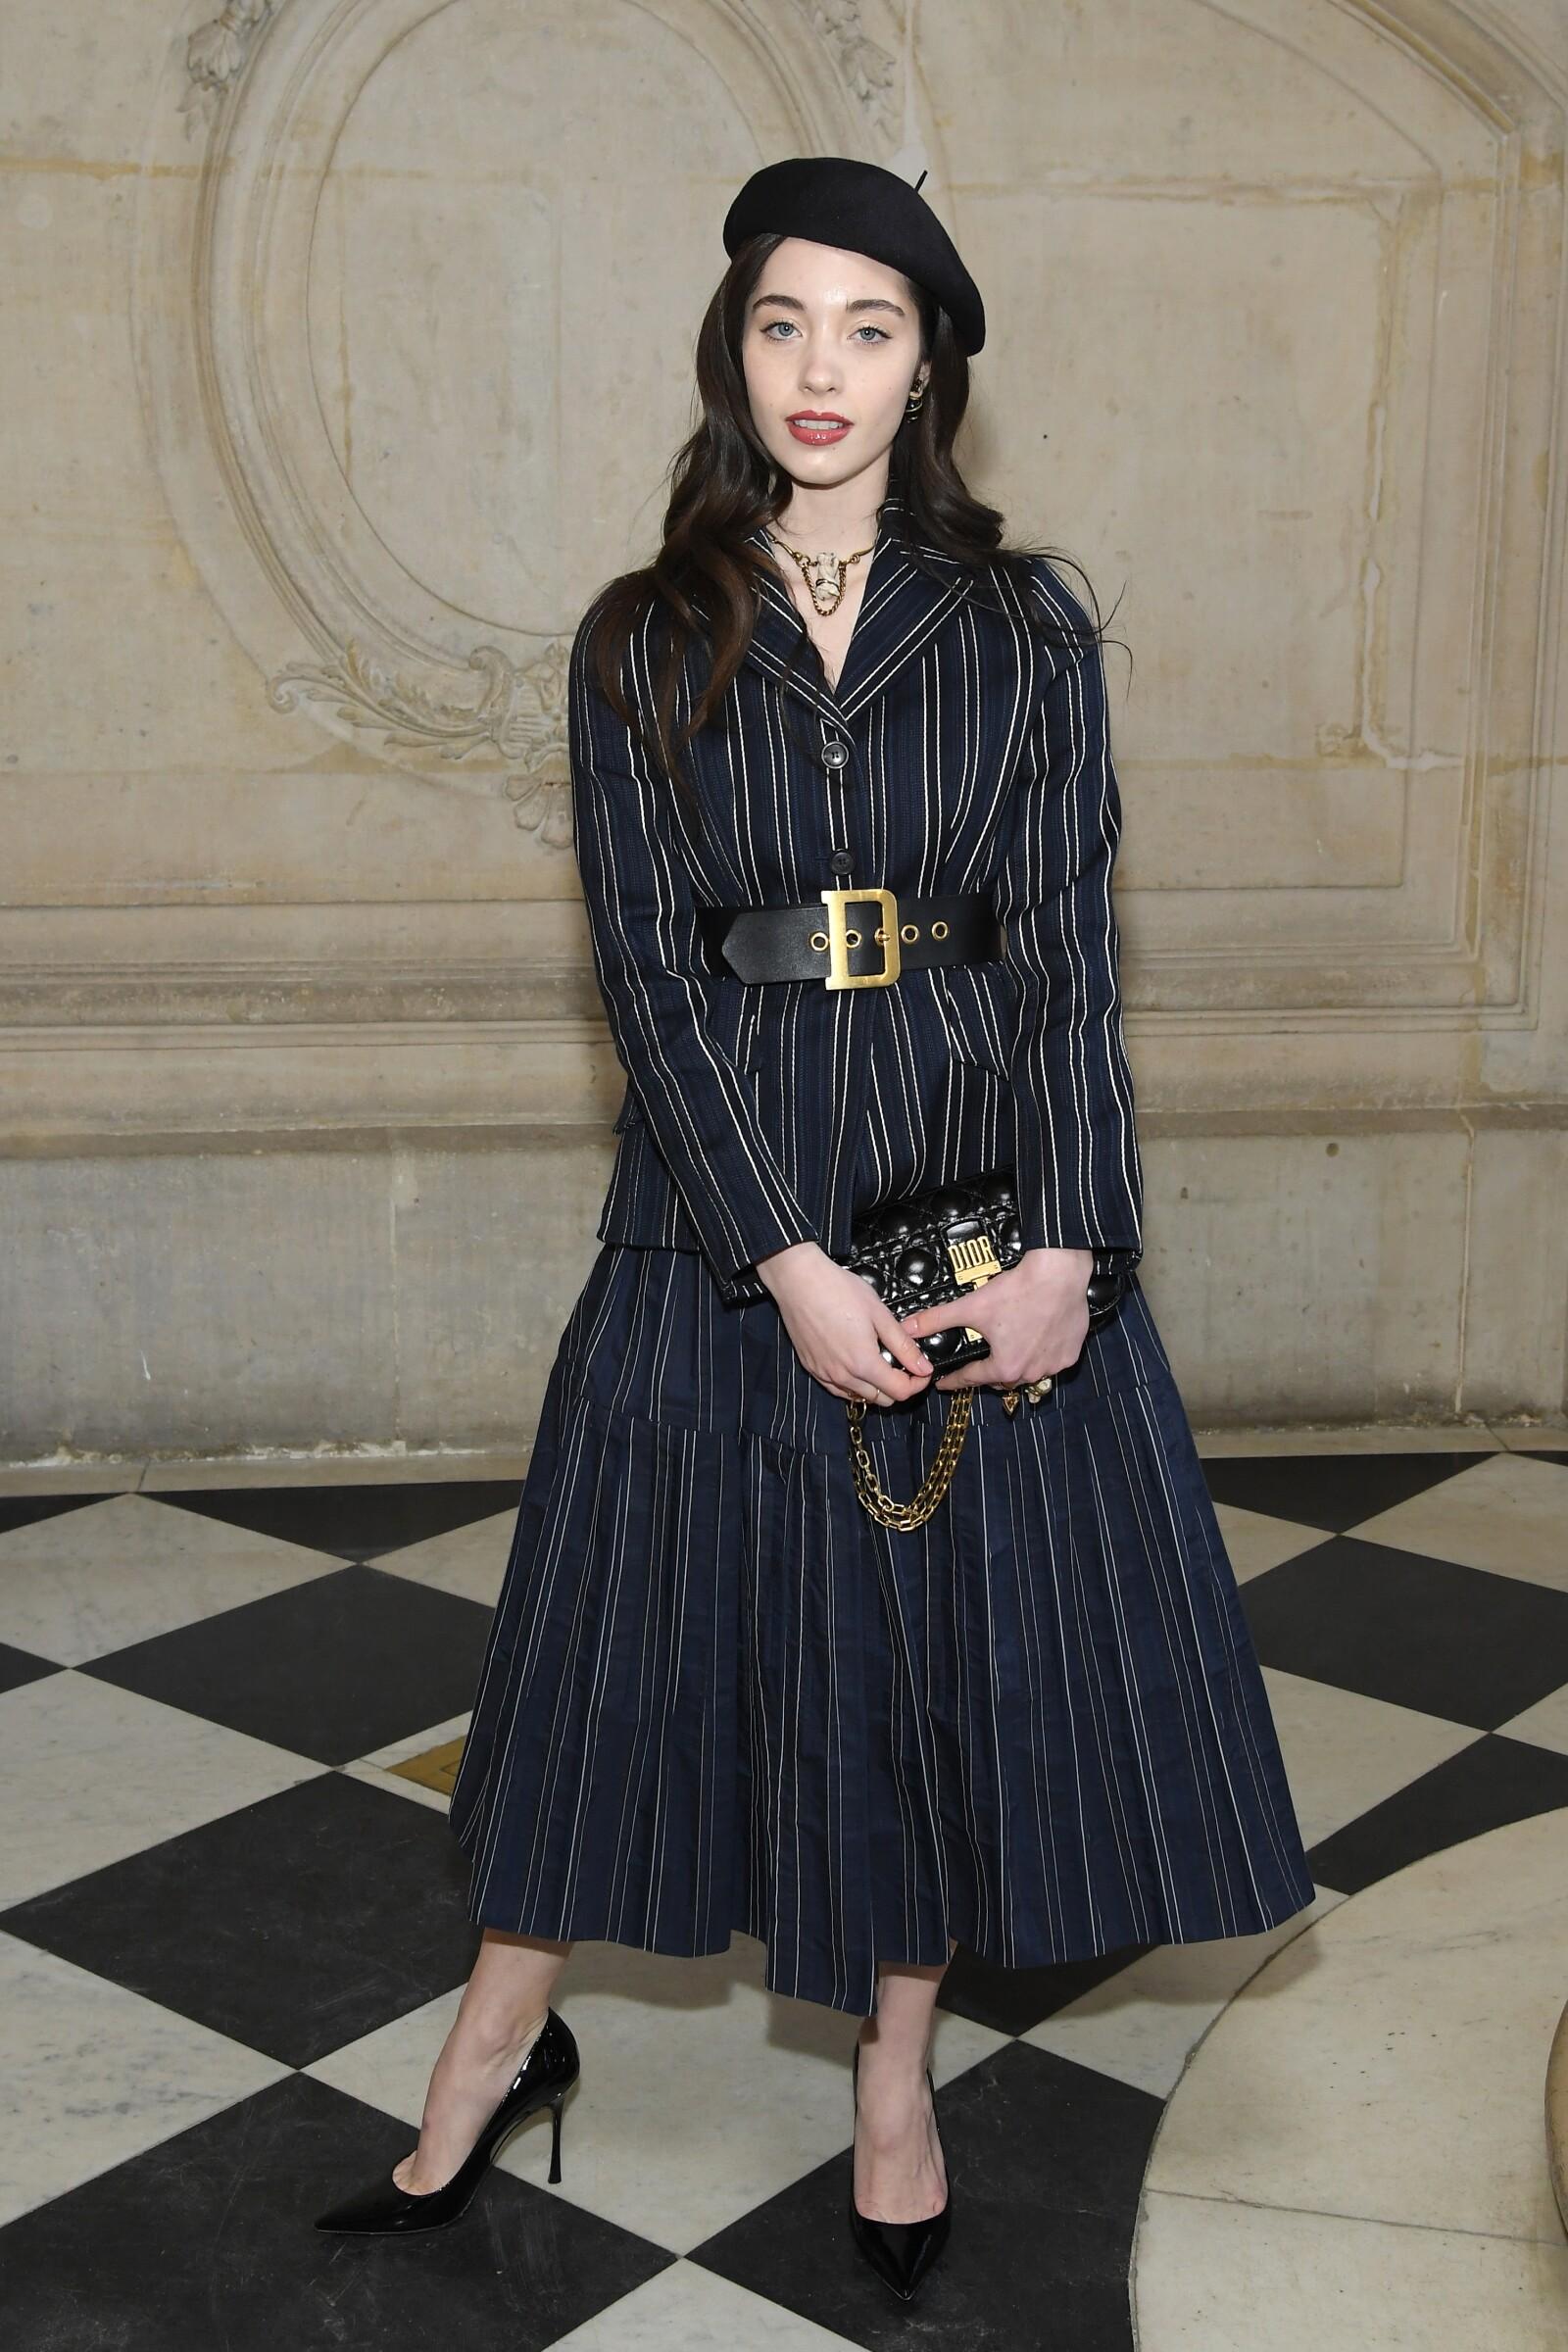 Greta Elizondo asistiendo al desfile de Dior Haute Couture SS19 en un total look de la marca